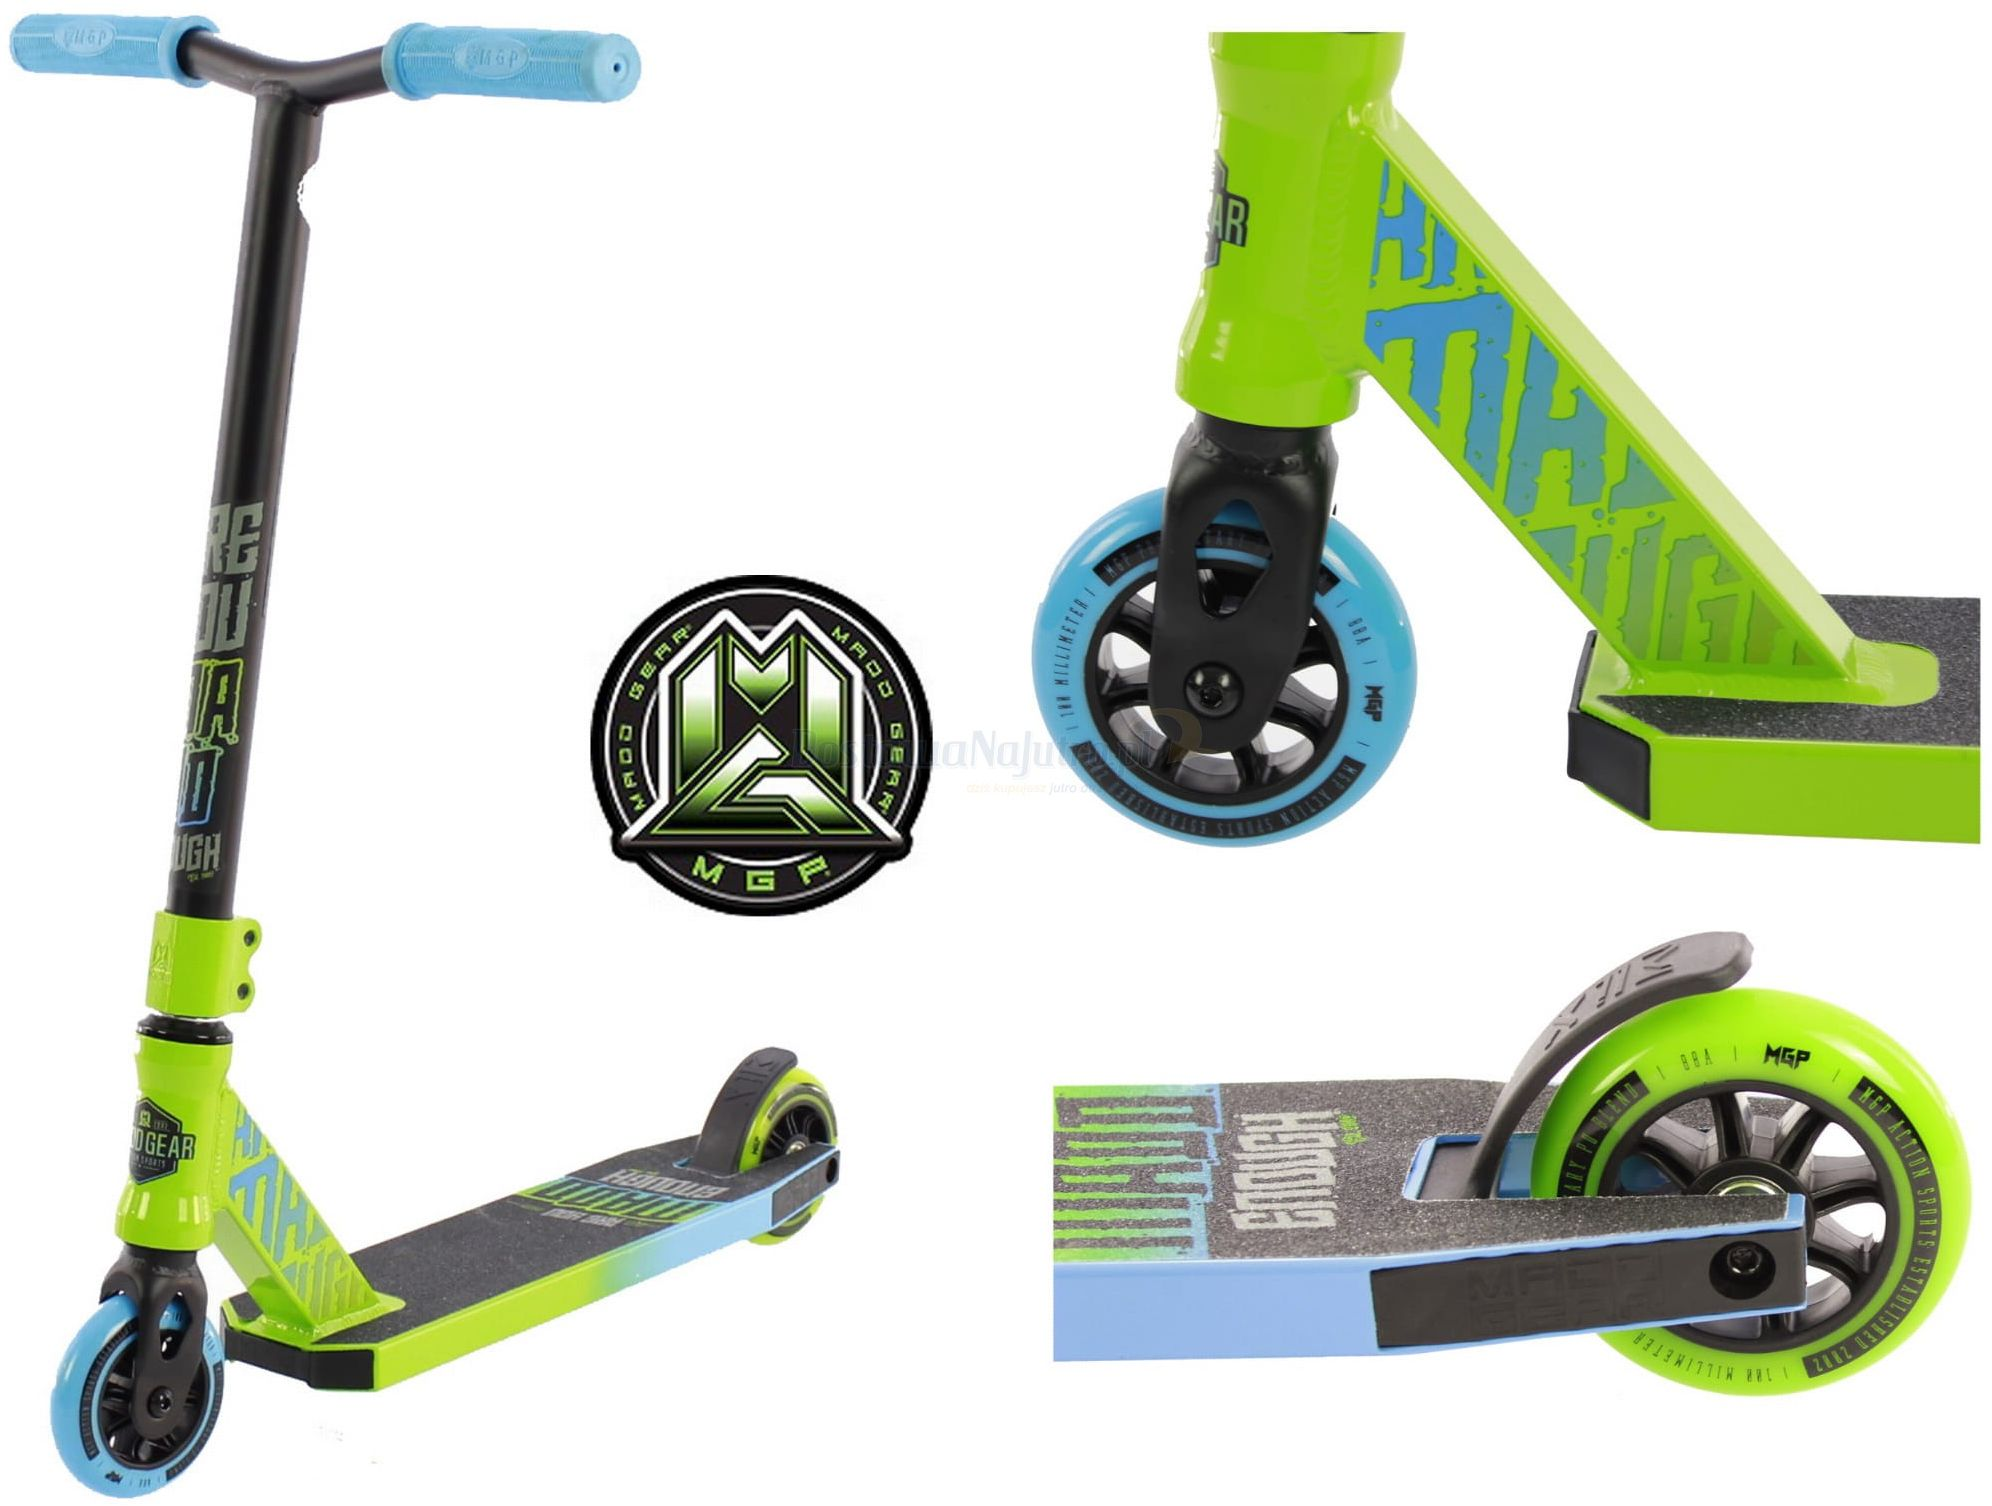 Hulajnoga wyczynowa Madd Gear Kick Rascal aluminiowa zielono niebieska